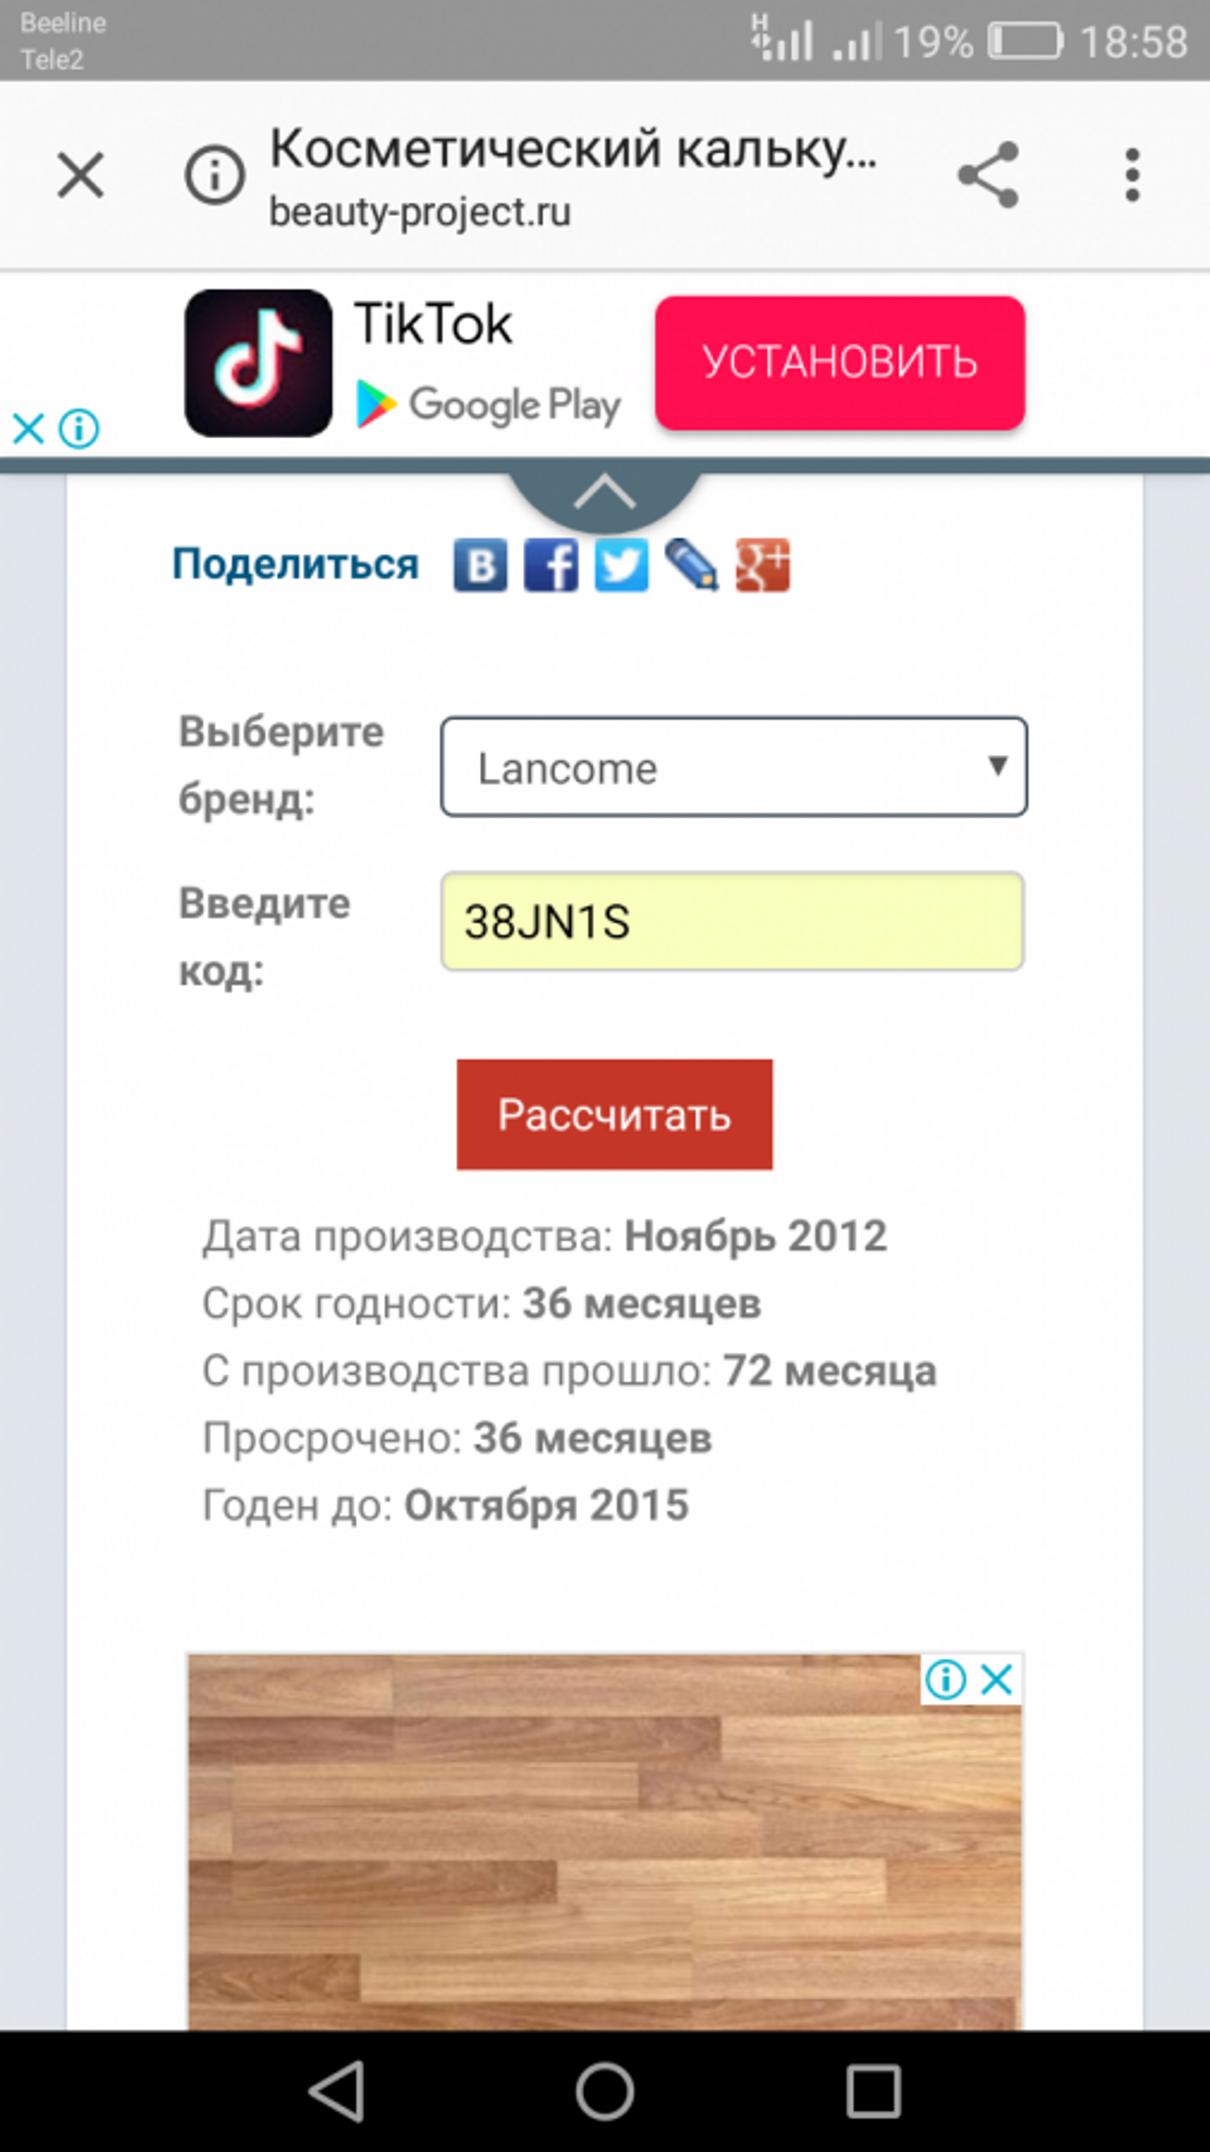 Жалоба-отзыв: Tvshop.shop@yandex.ru - Машеники и обманьчики.  Фото №2